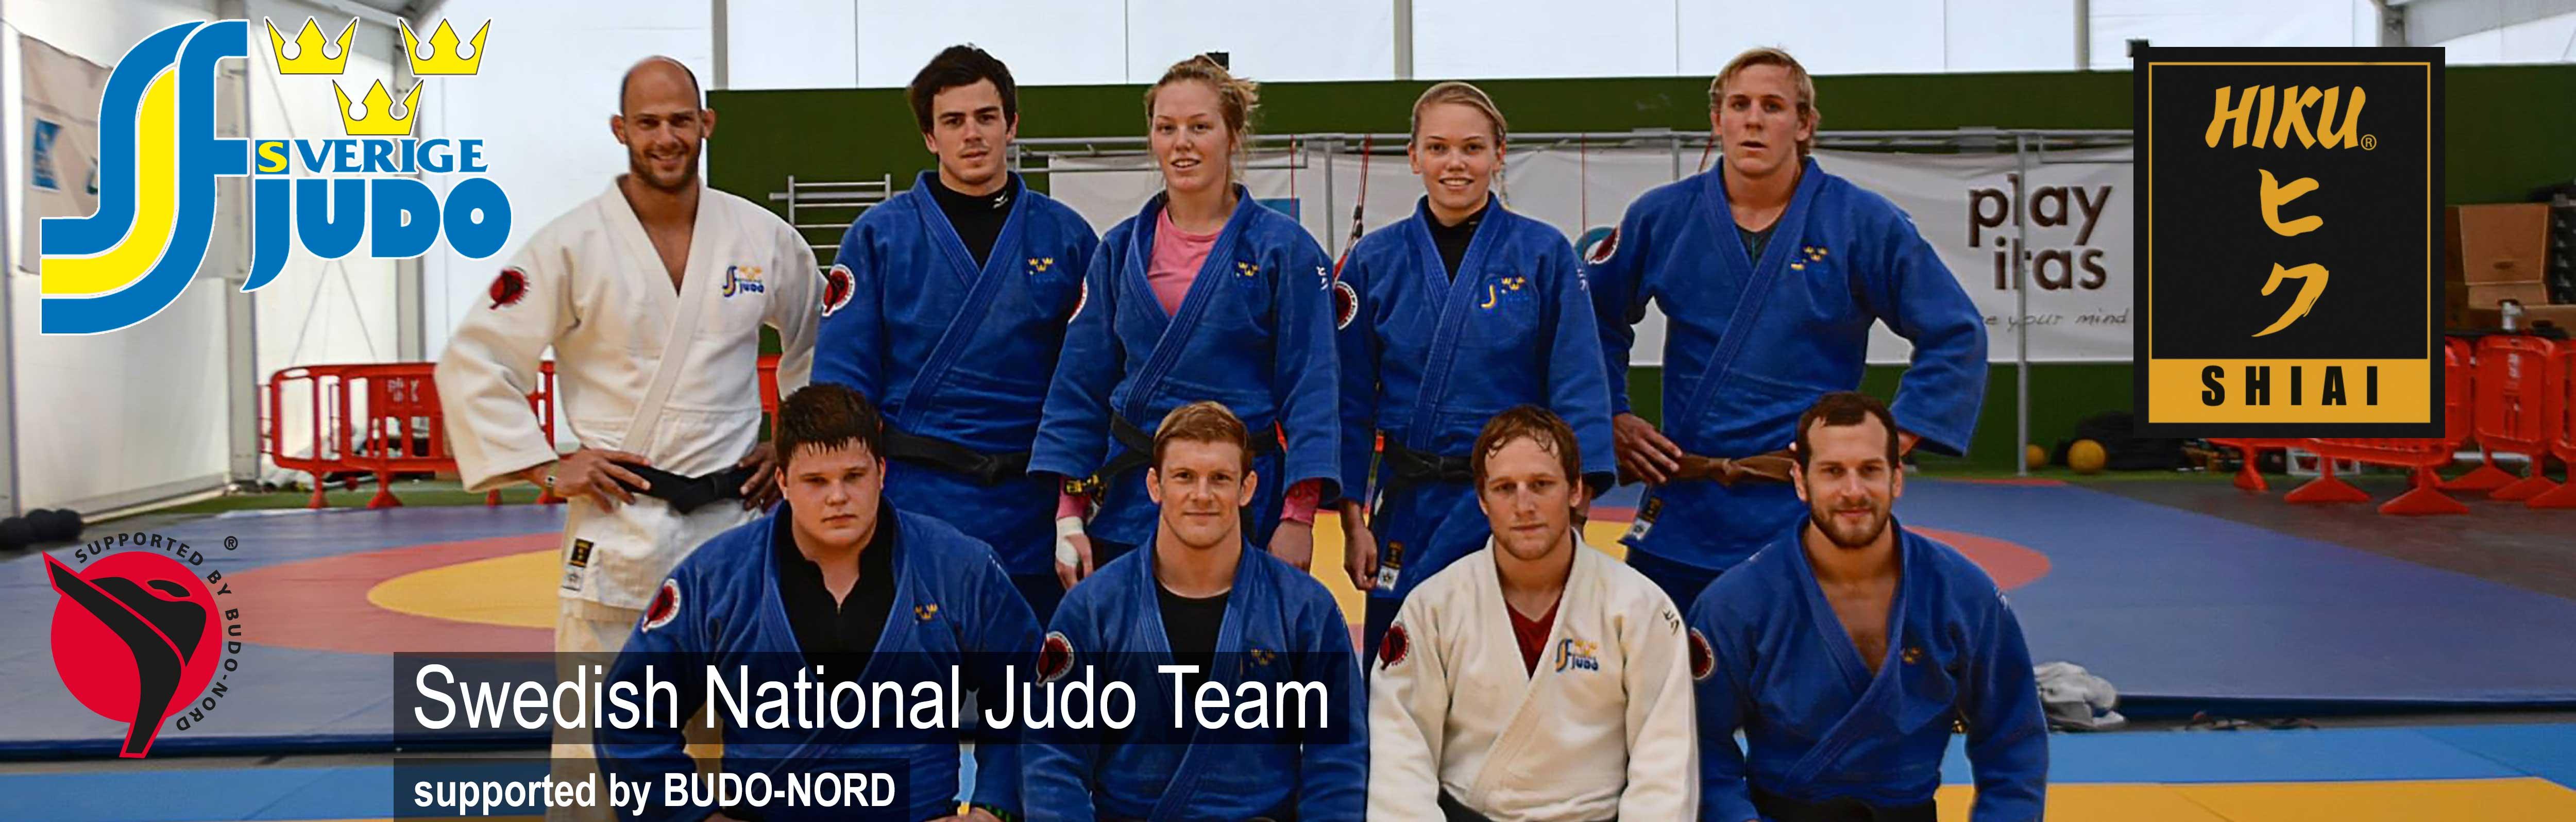 Budo-Nord Team Judo landslaget